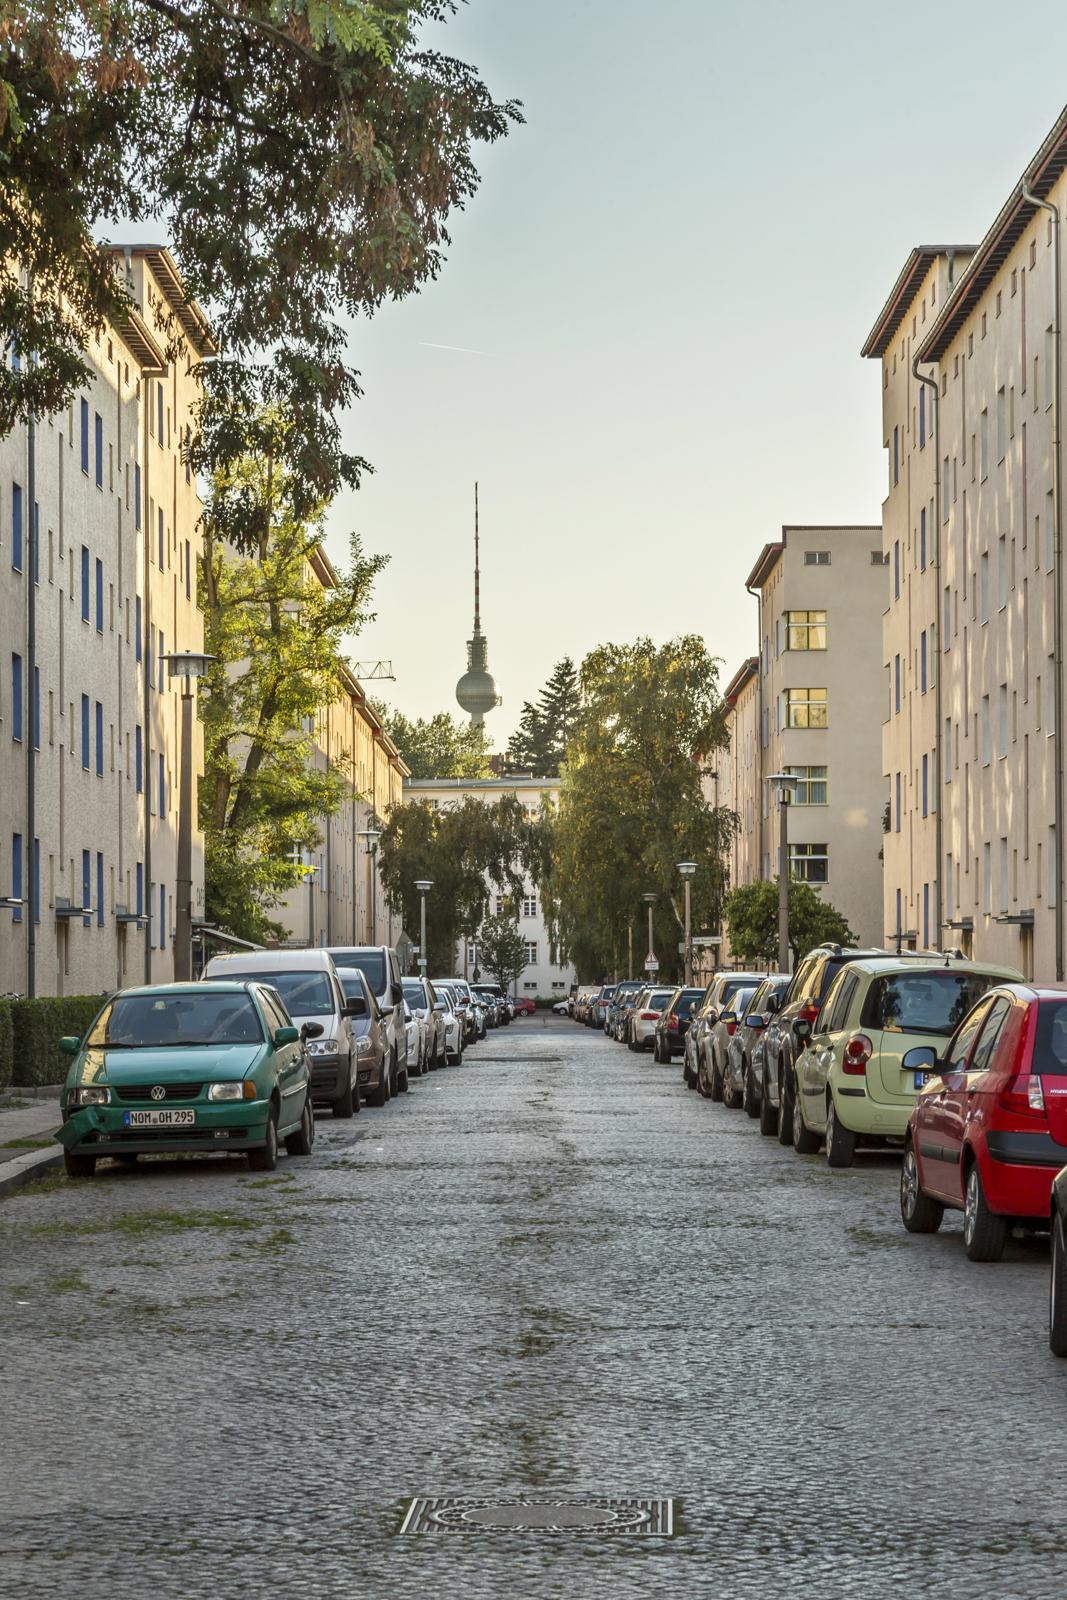 Ingo_Lawaczeck_Mähren_Lindenhoekweg_5-7